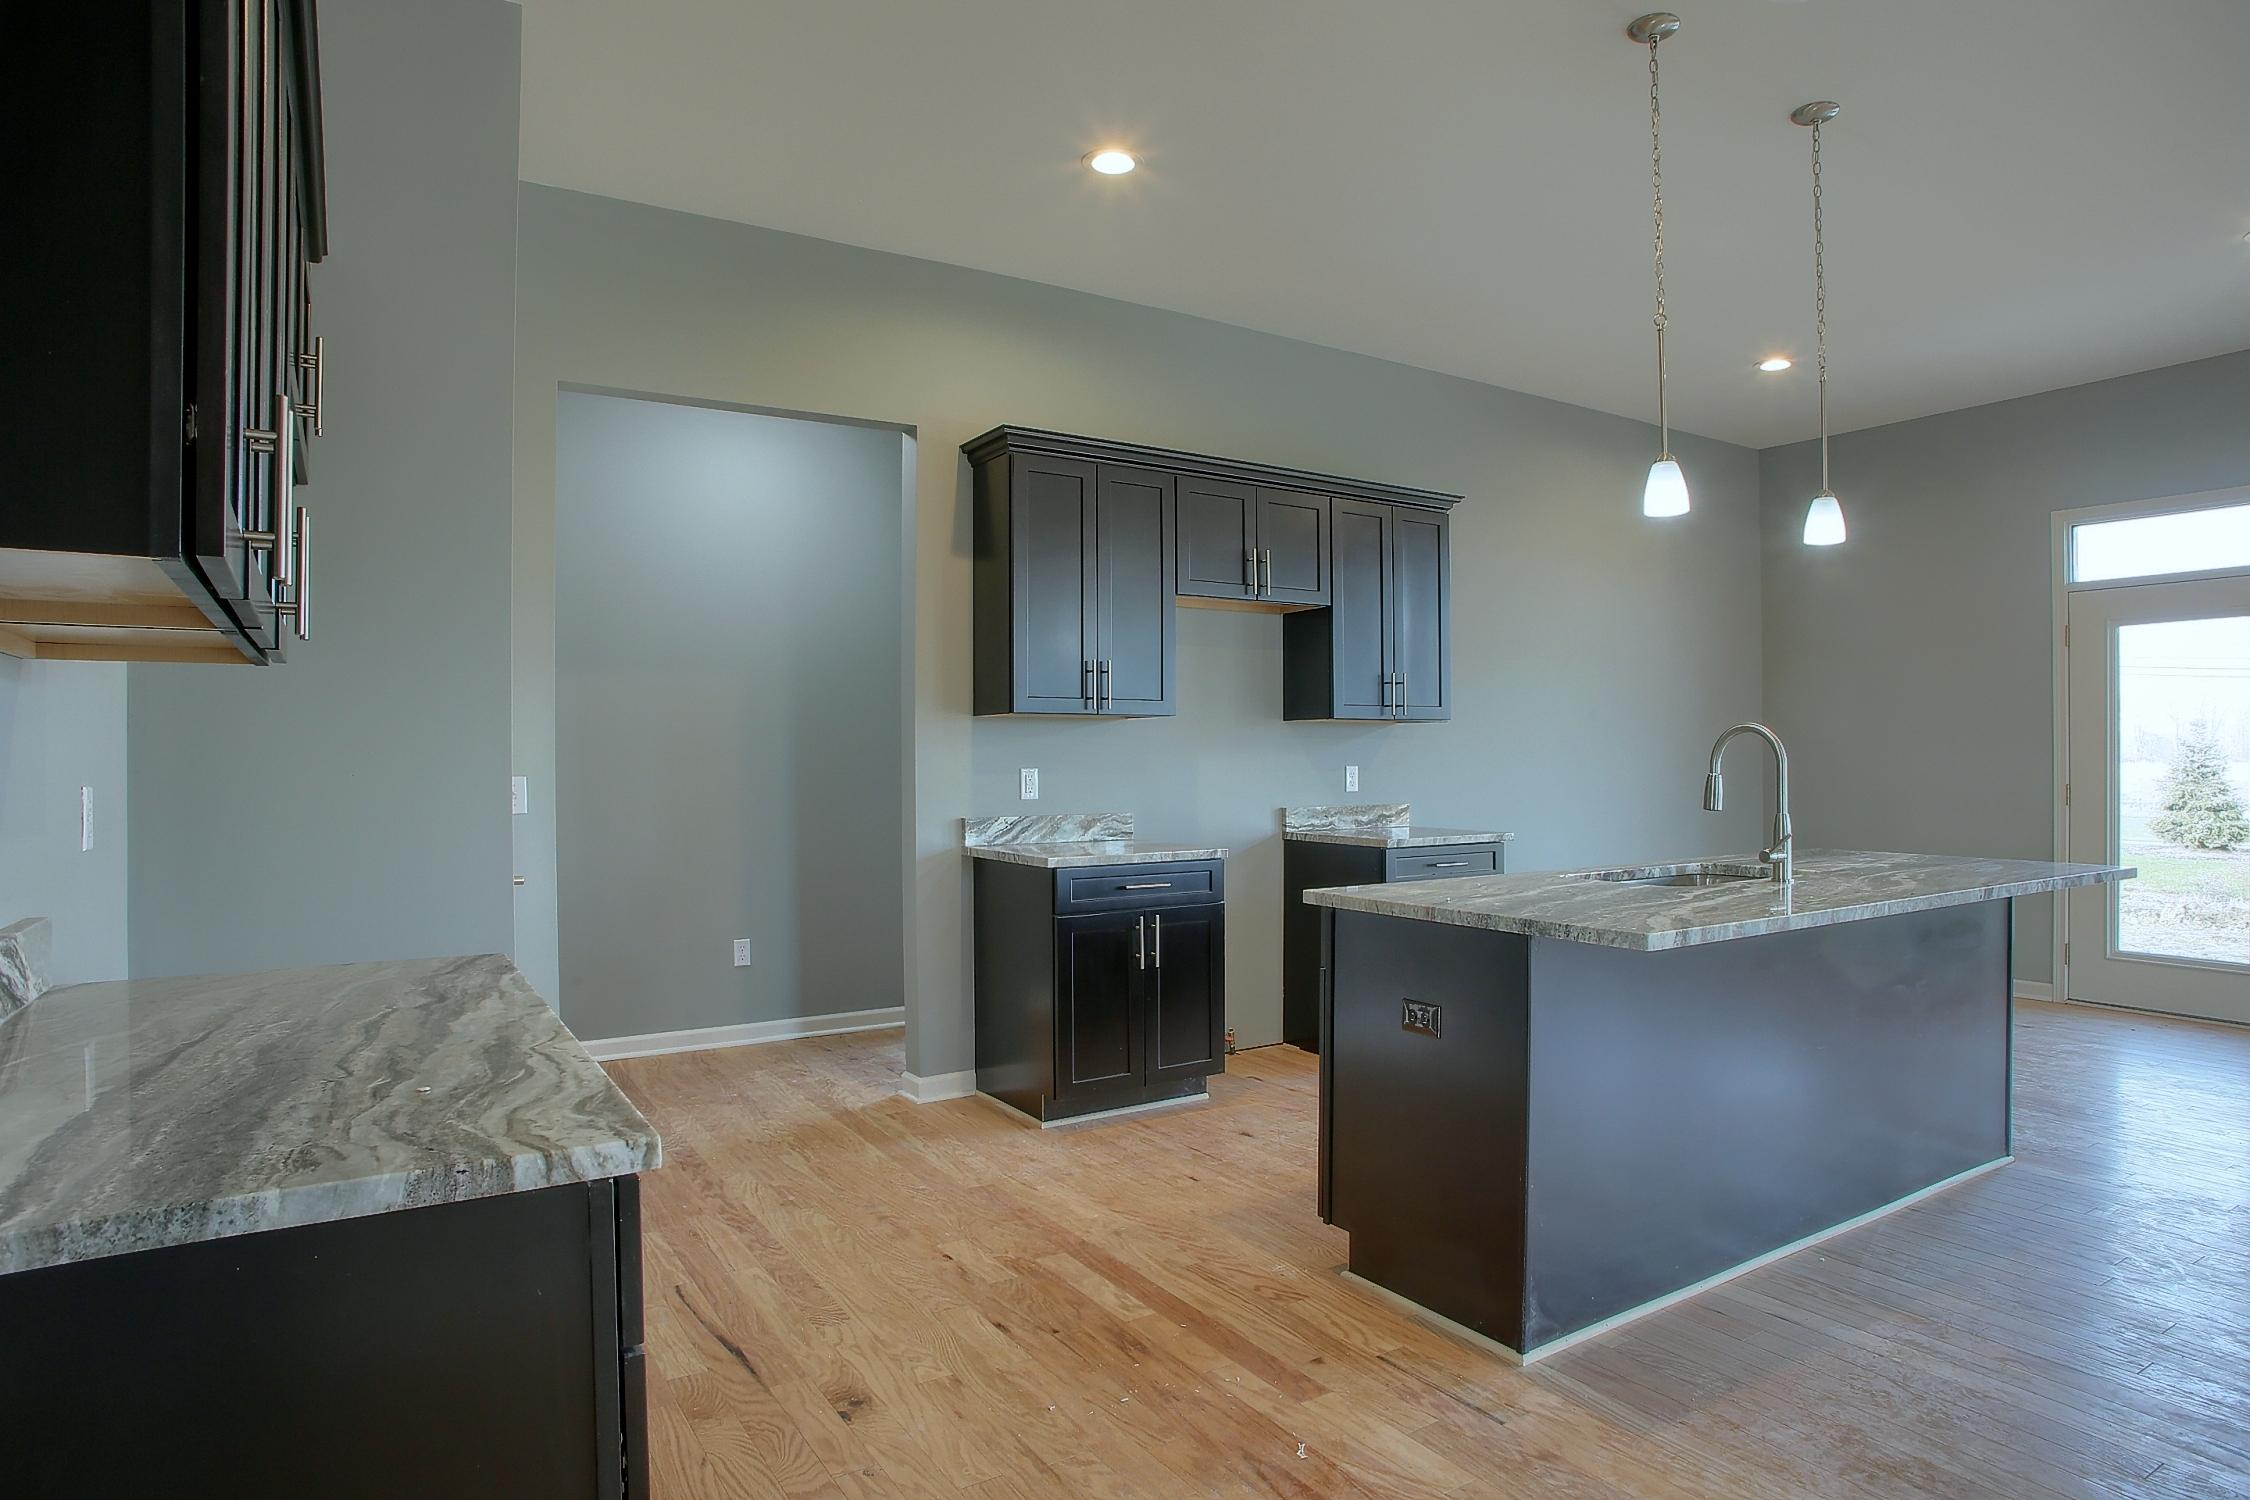 8-Kitchen 3rd View.jpg